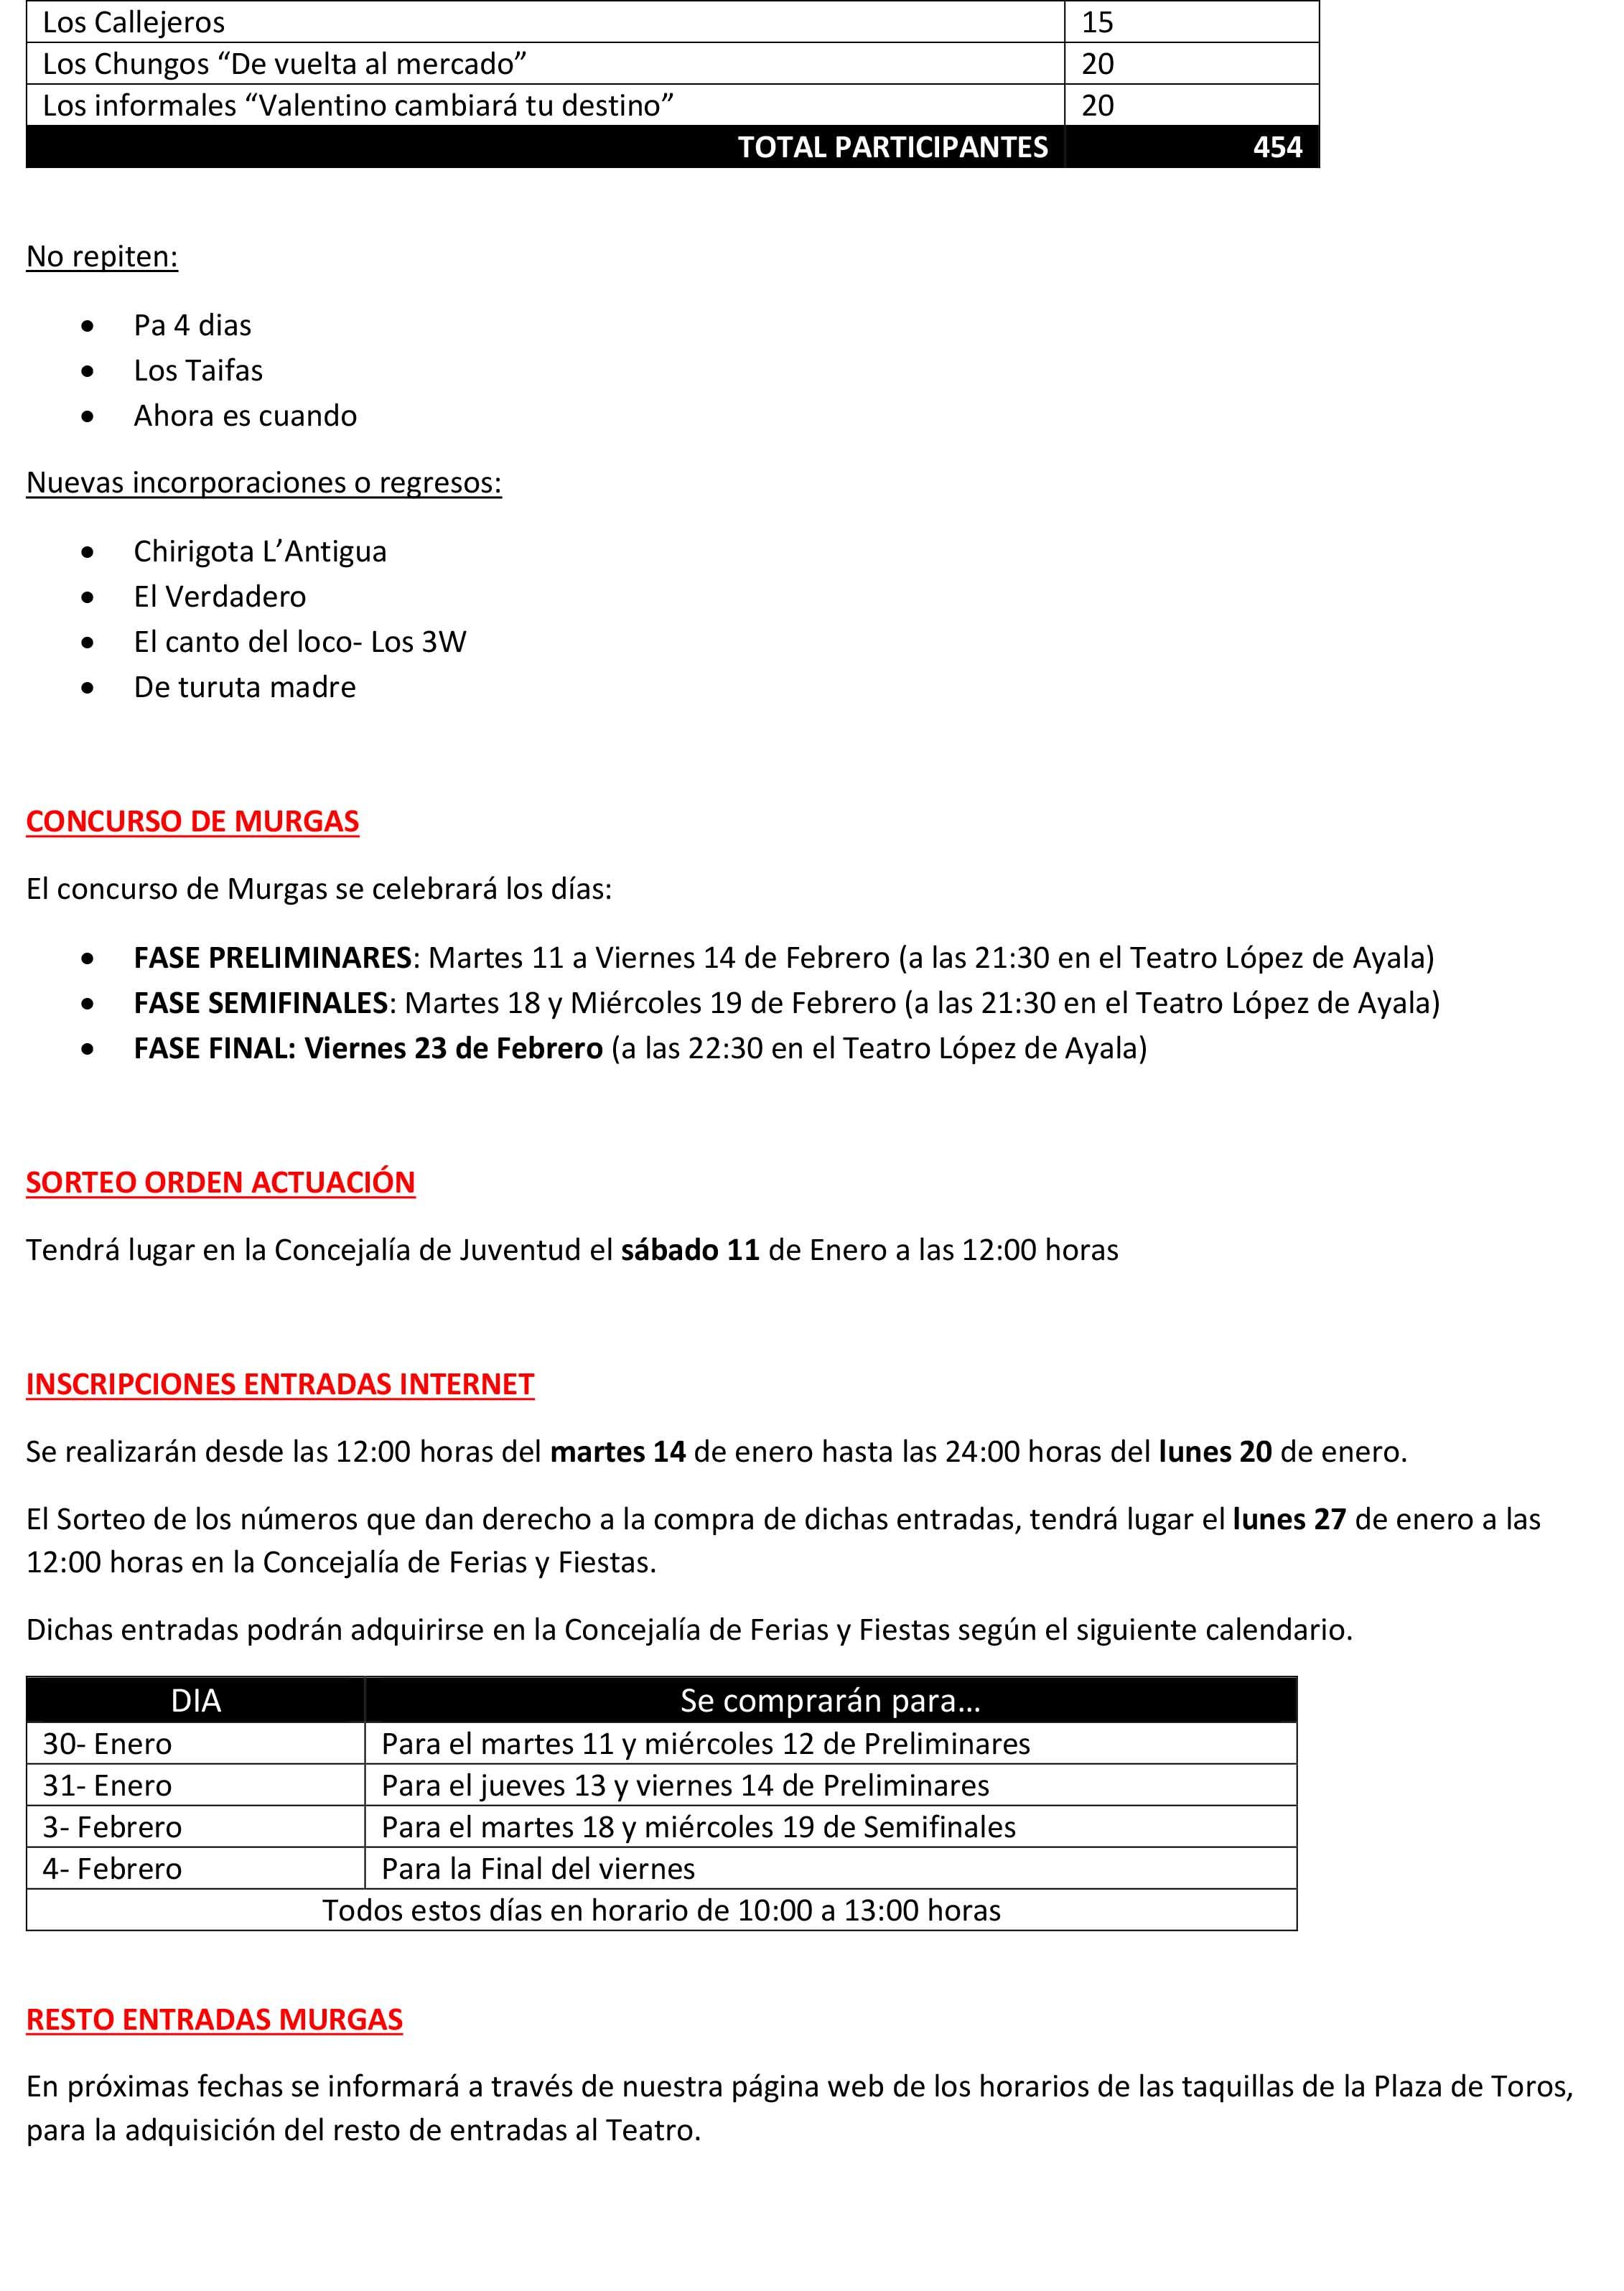 Carnaval-2020-Informe-Inscripciones-Concursos-2